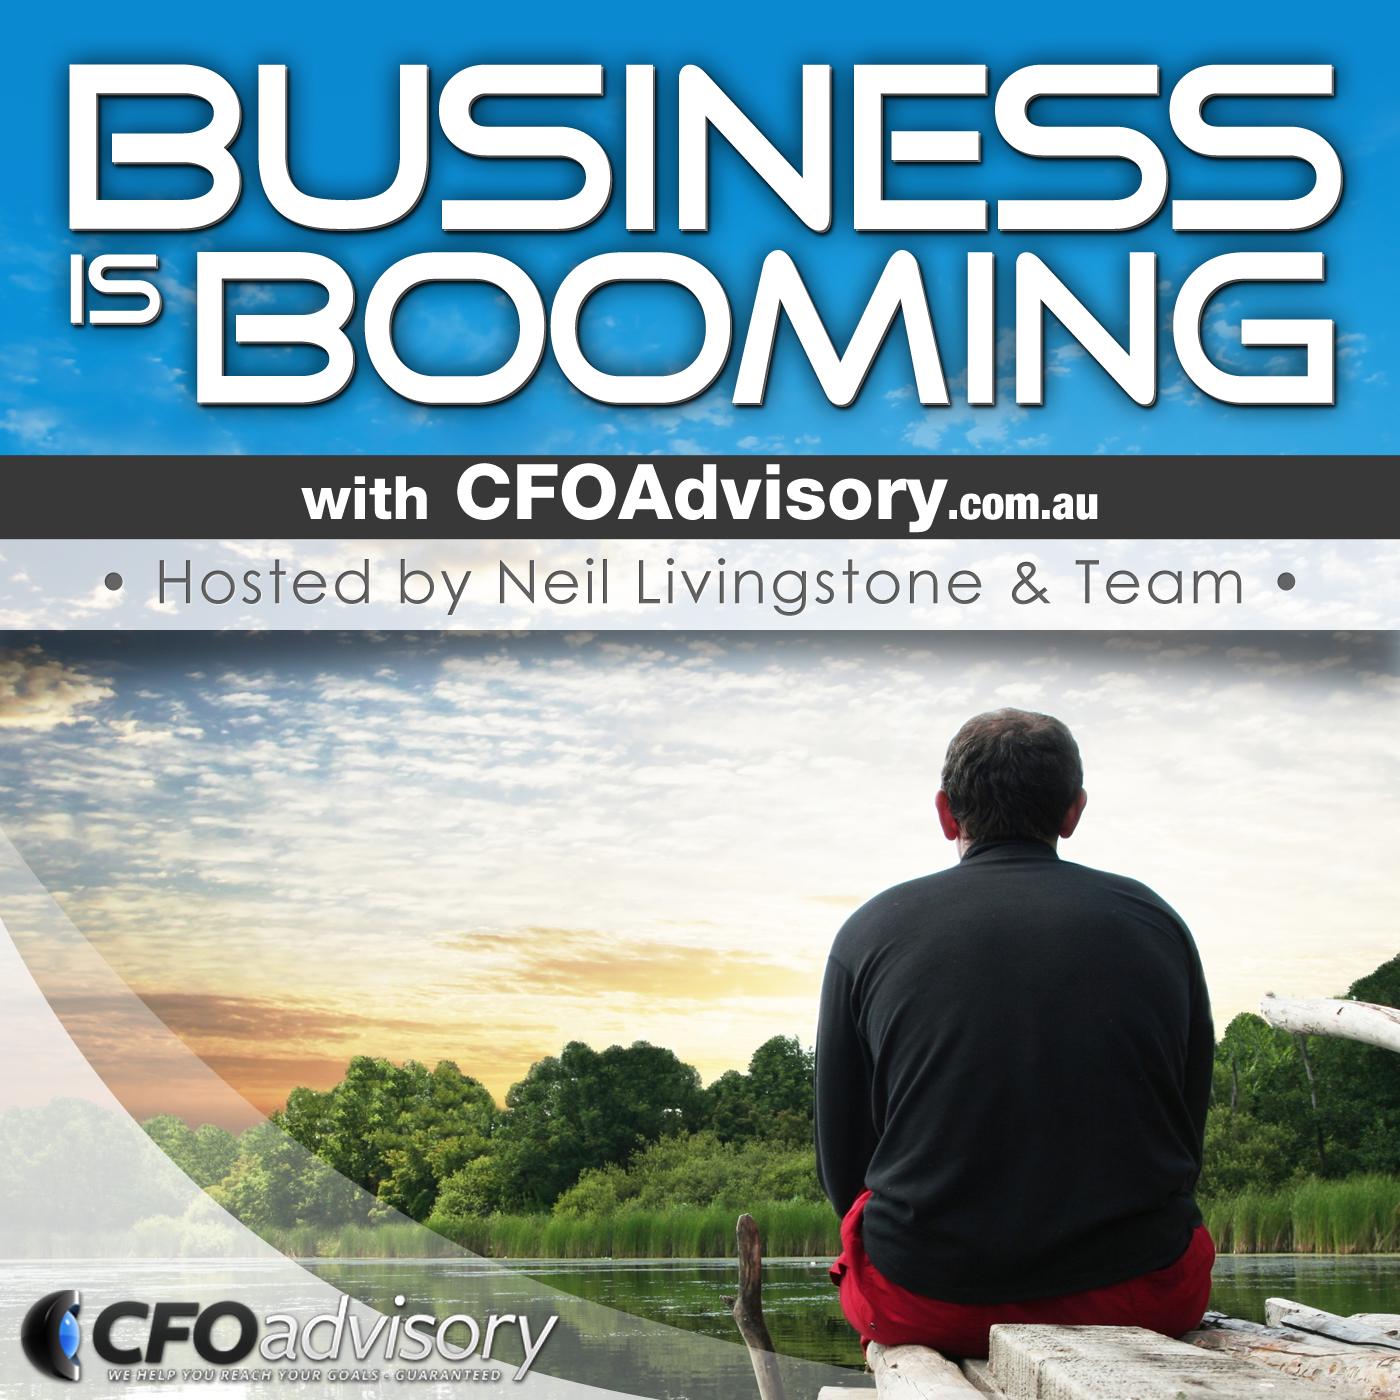 CFO Advisory